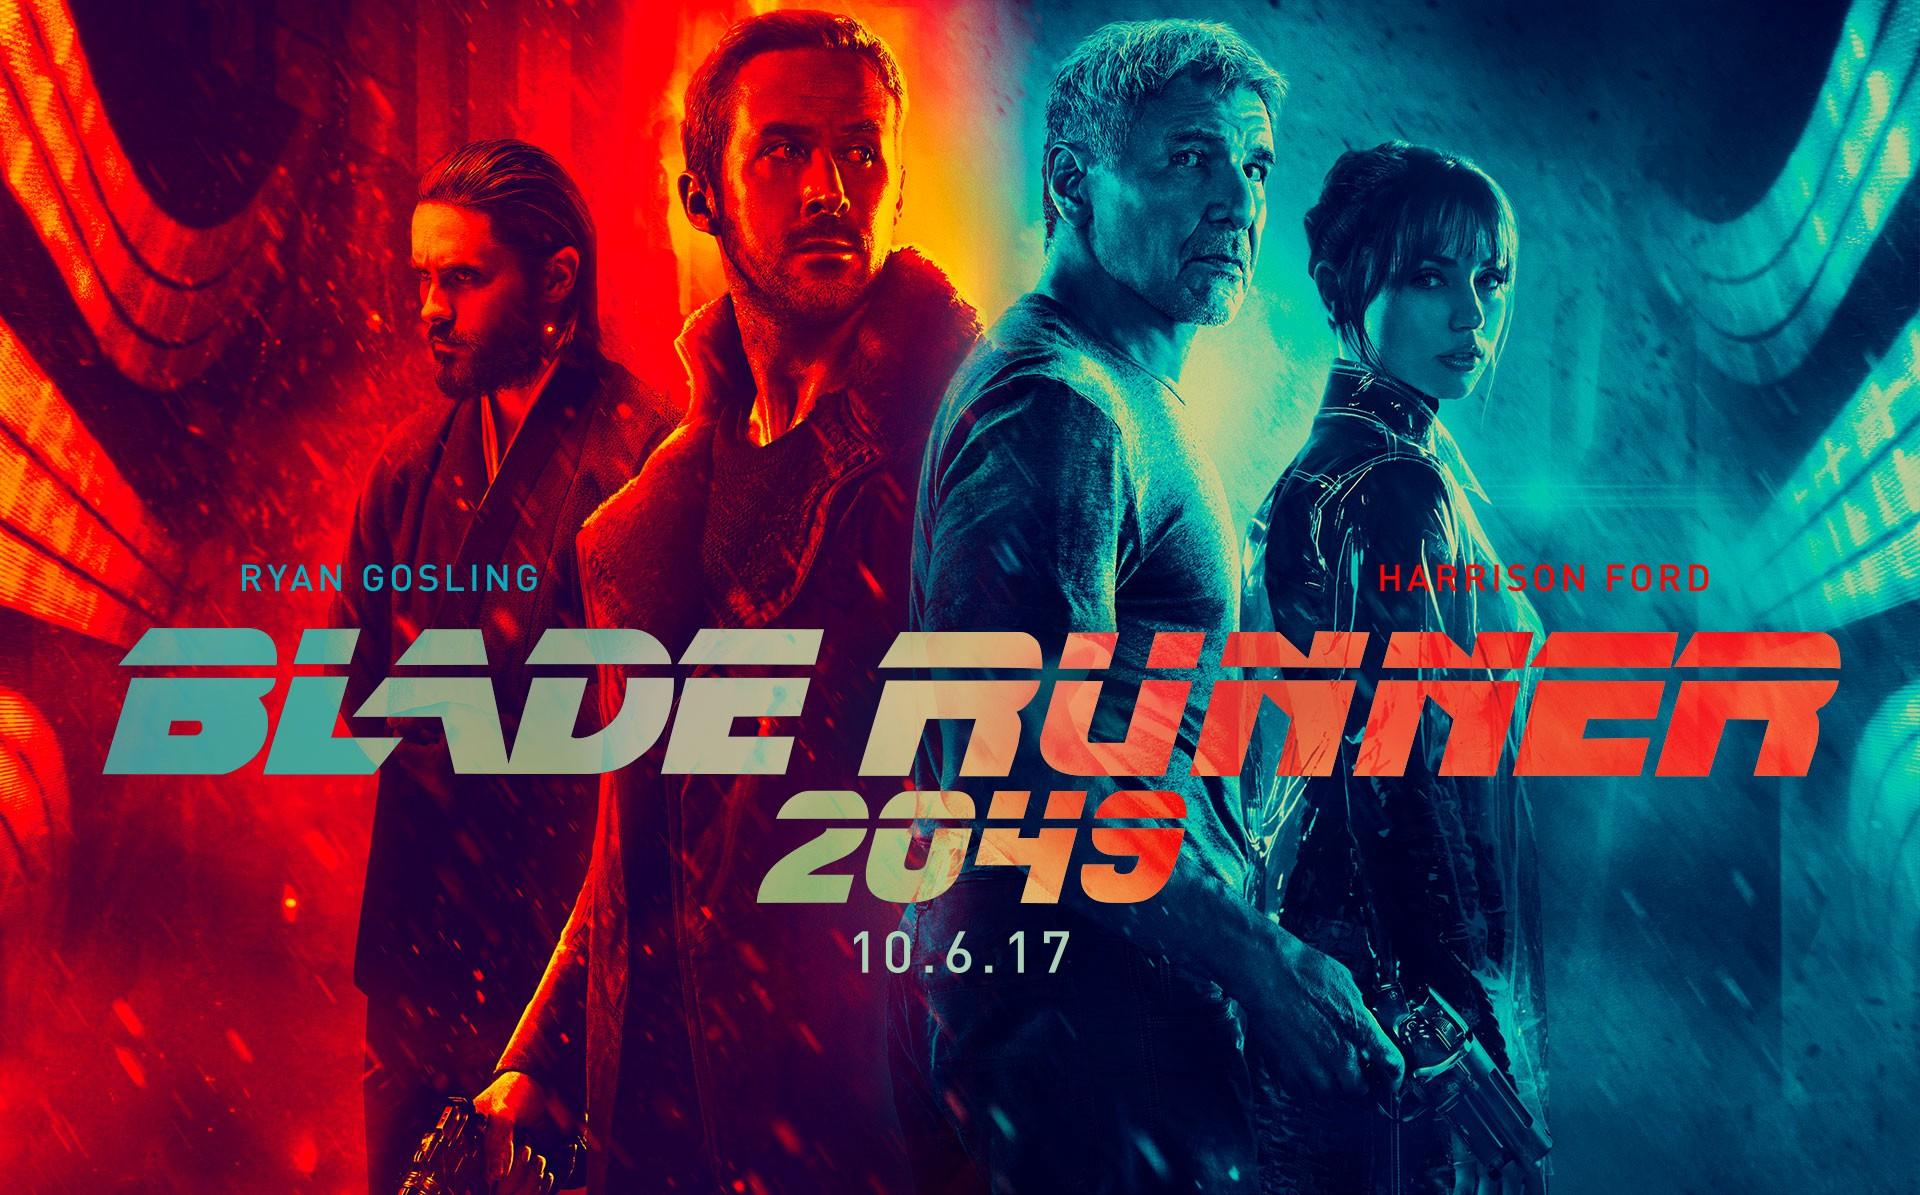 film vaporwave blade runner 2049